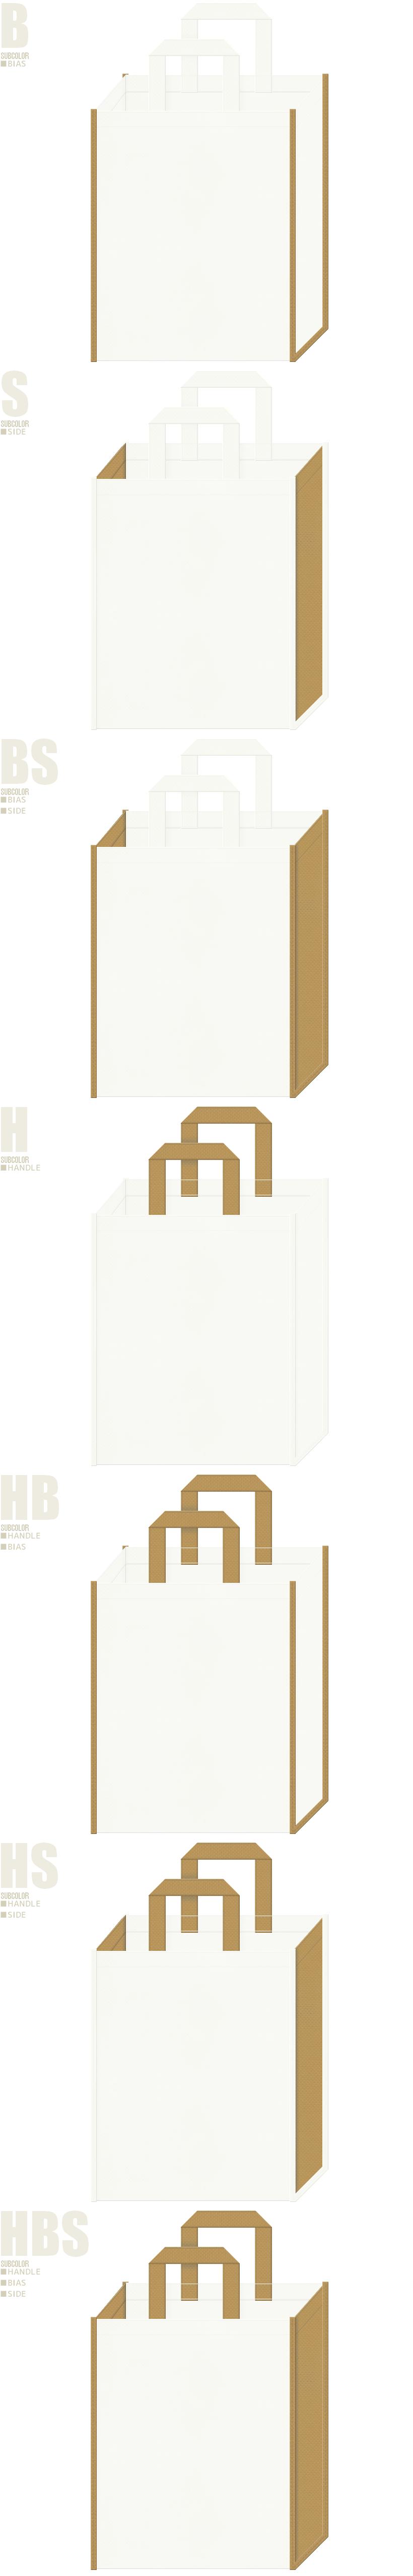 オフホワイト色と金色系黄土色、7パターンの不織布トートバッグ配色デザイン例。美容室・コスメ・店舗インテリア用品の展示会用バッグにお奨めです。